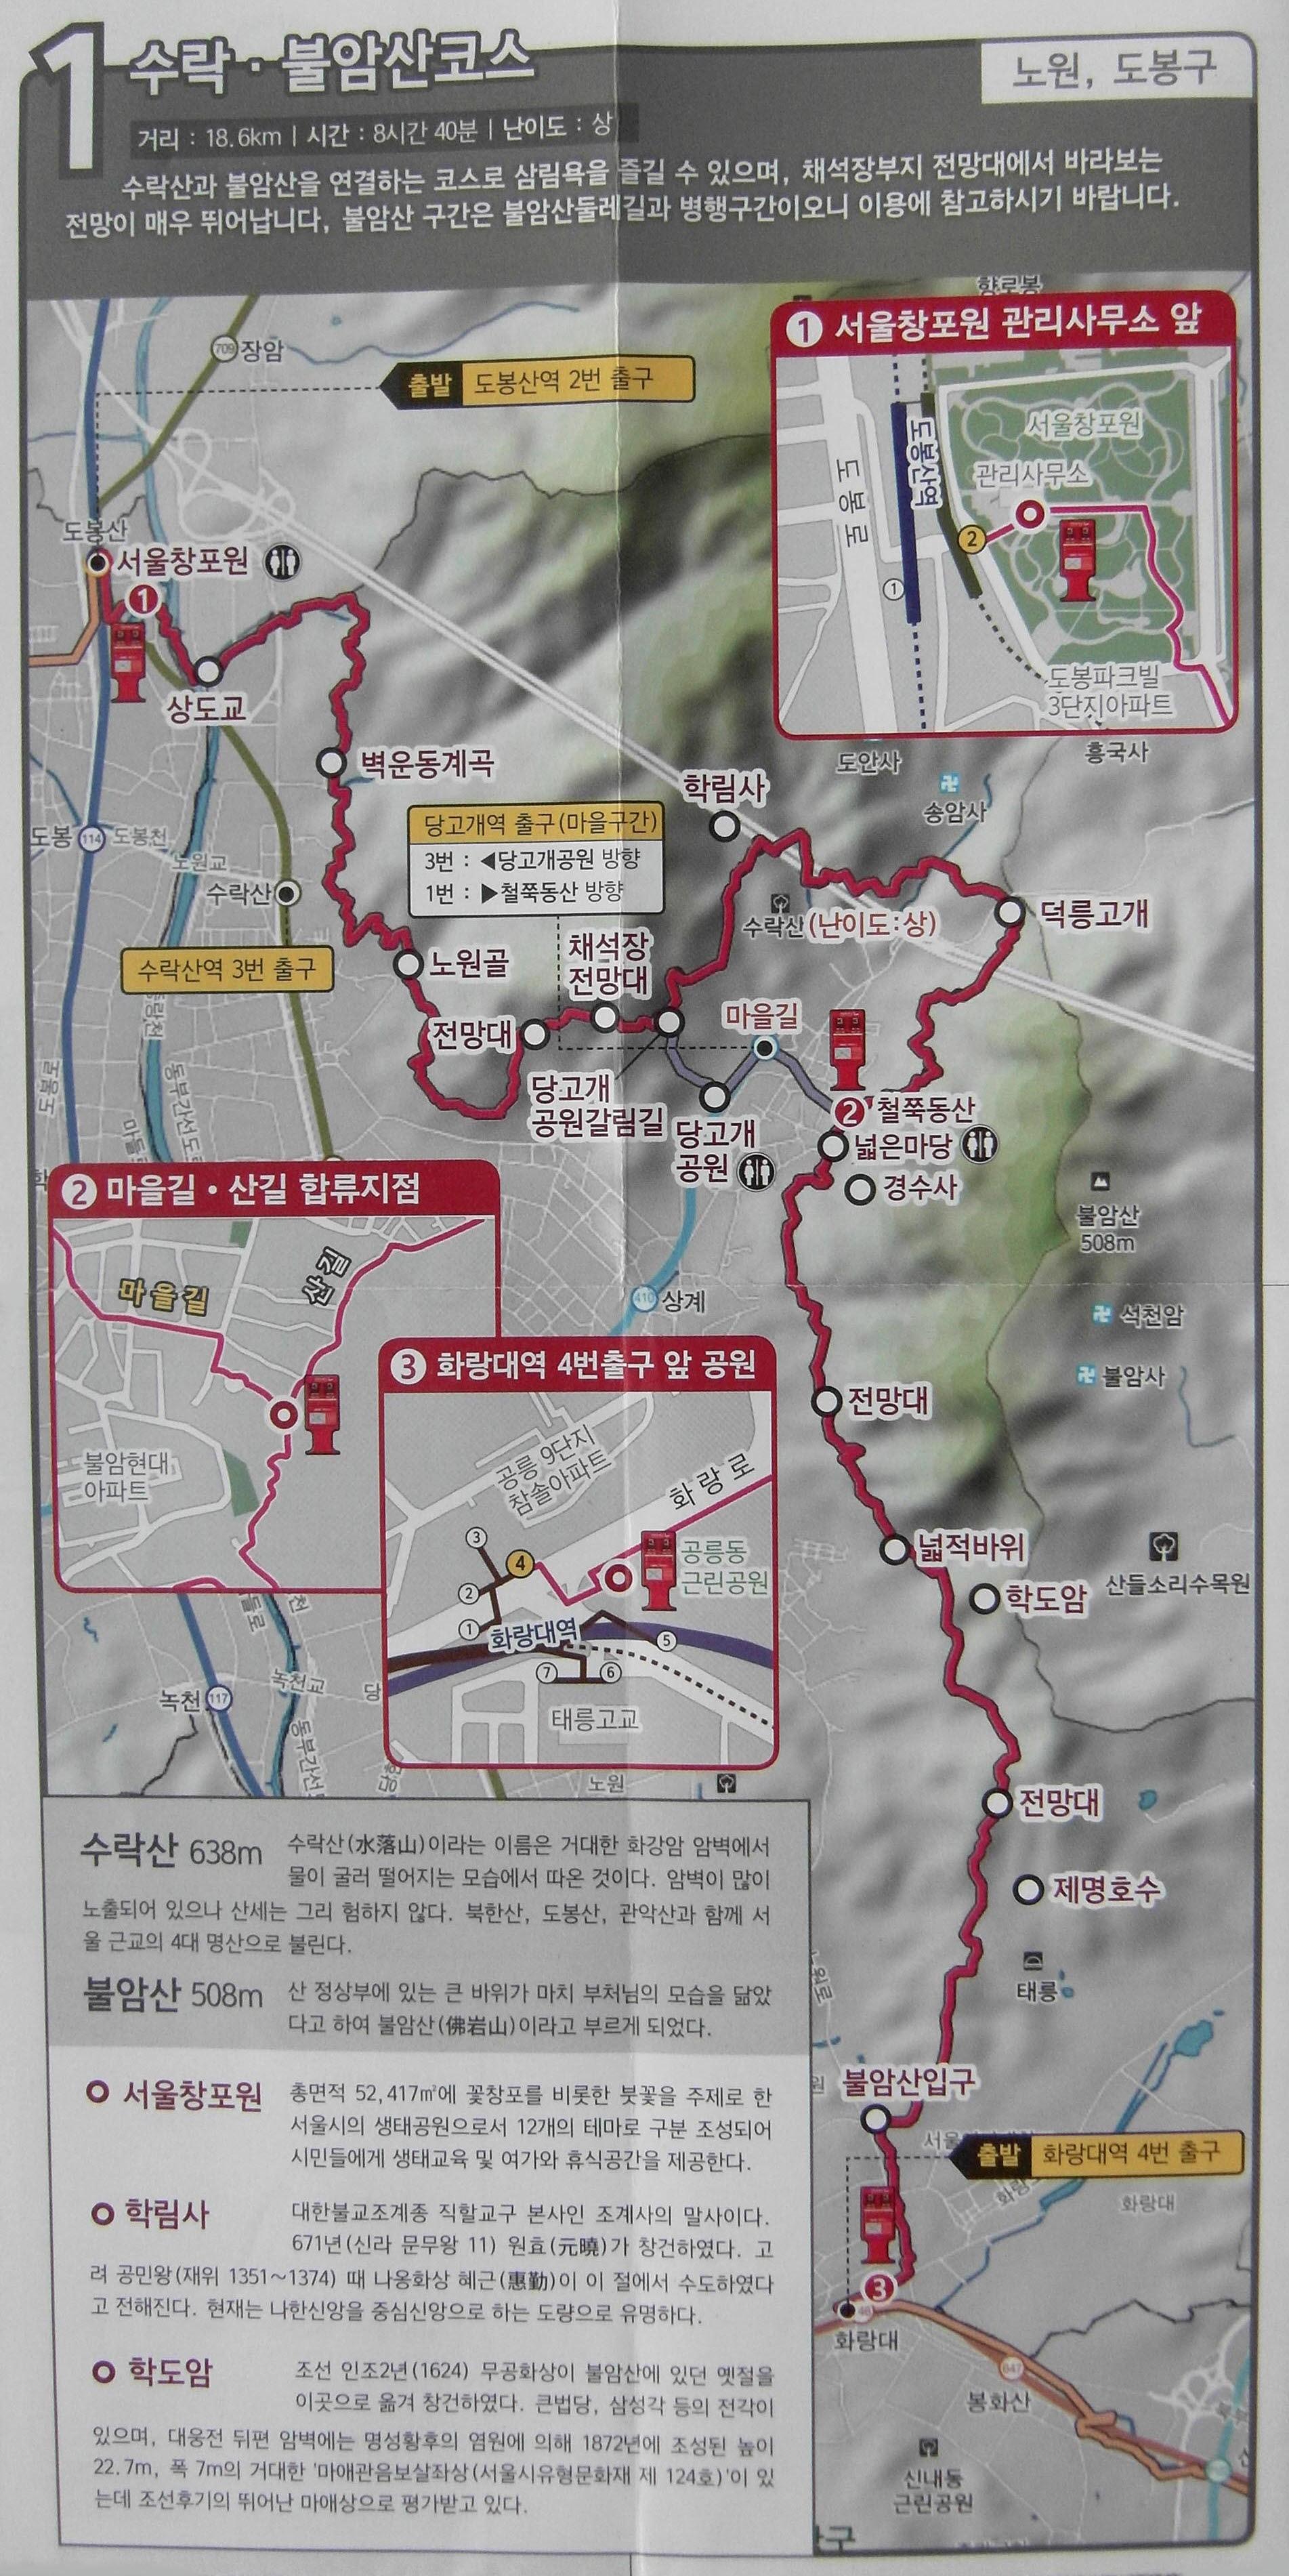 서울둘레길 1-2코스(불암산구간)- 당고개역 철쭉동산에서 화랑대역 공릉동근린공원까지